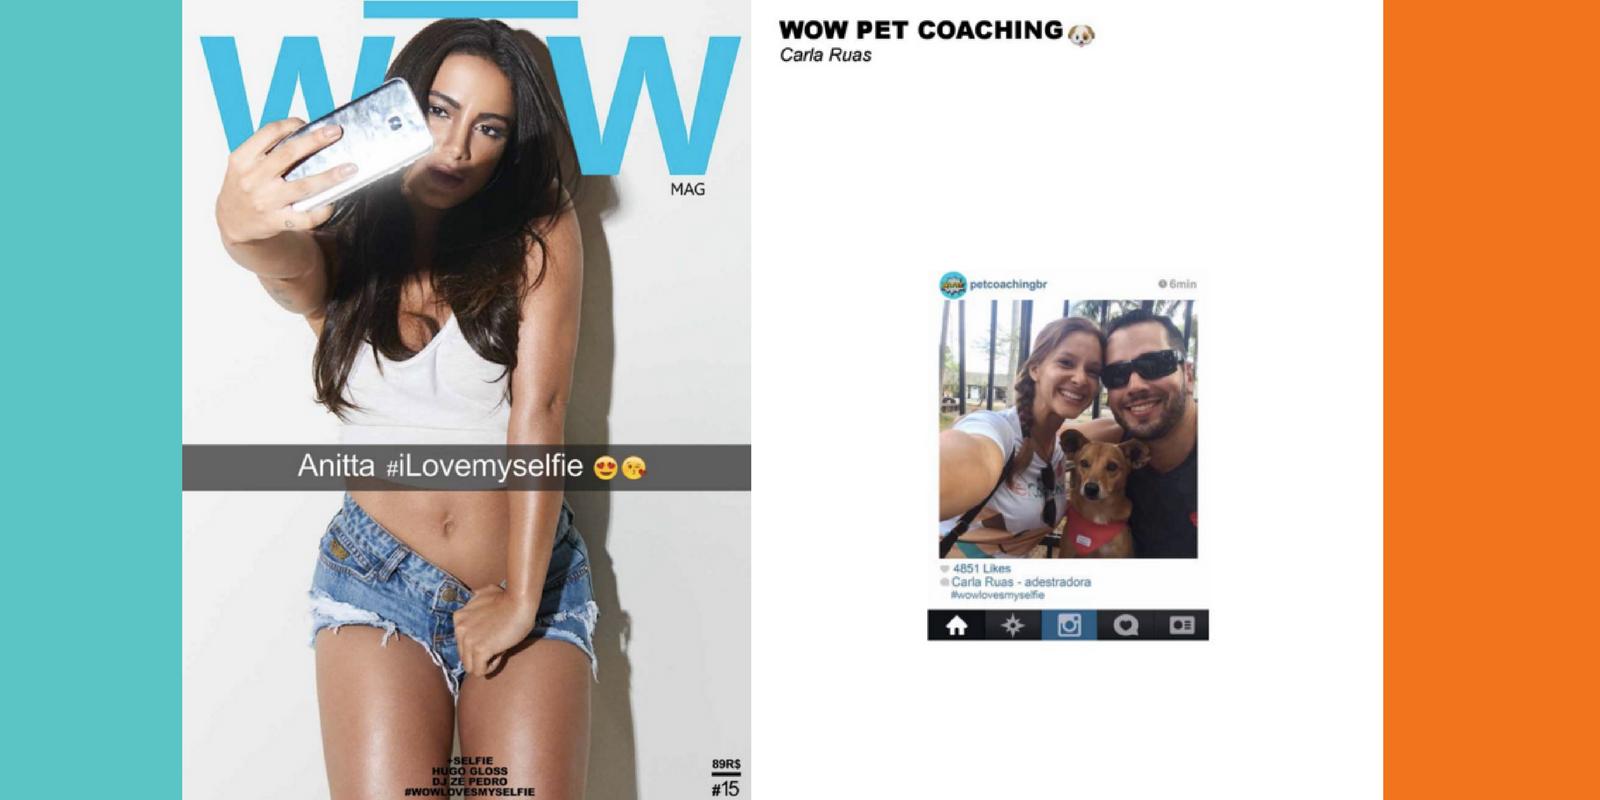 Lambeijos, Carla Ruas - Coluna #4 WOW PetCoaching: Cara de um, Males do outro